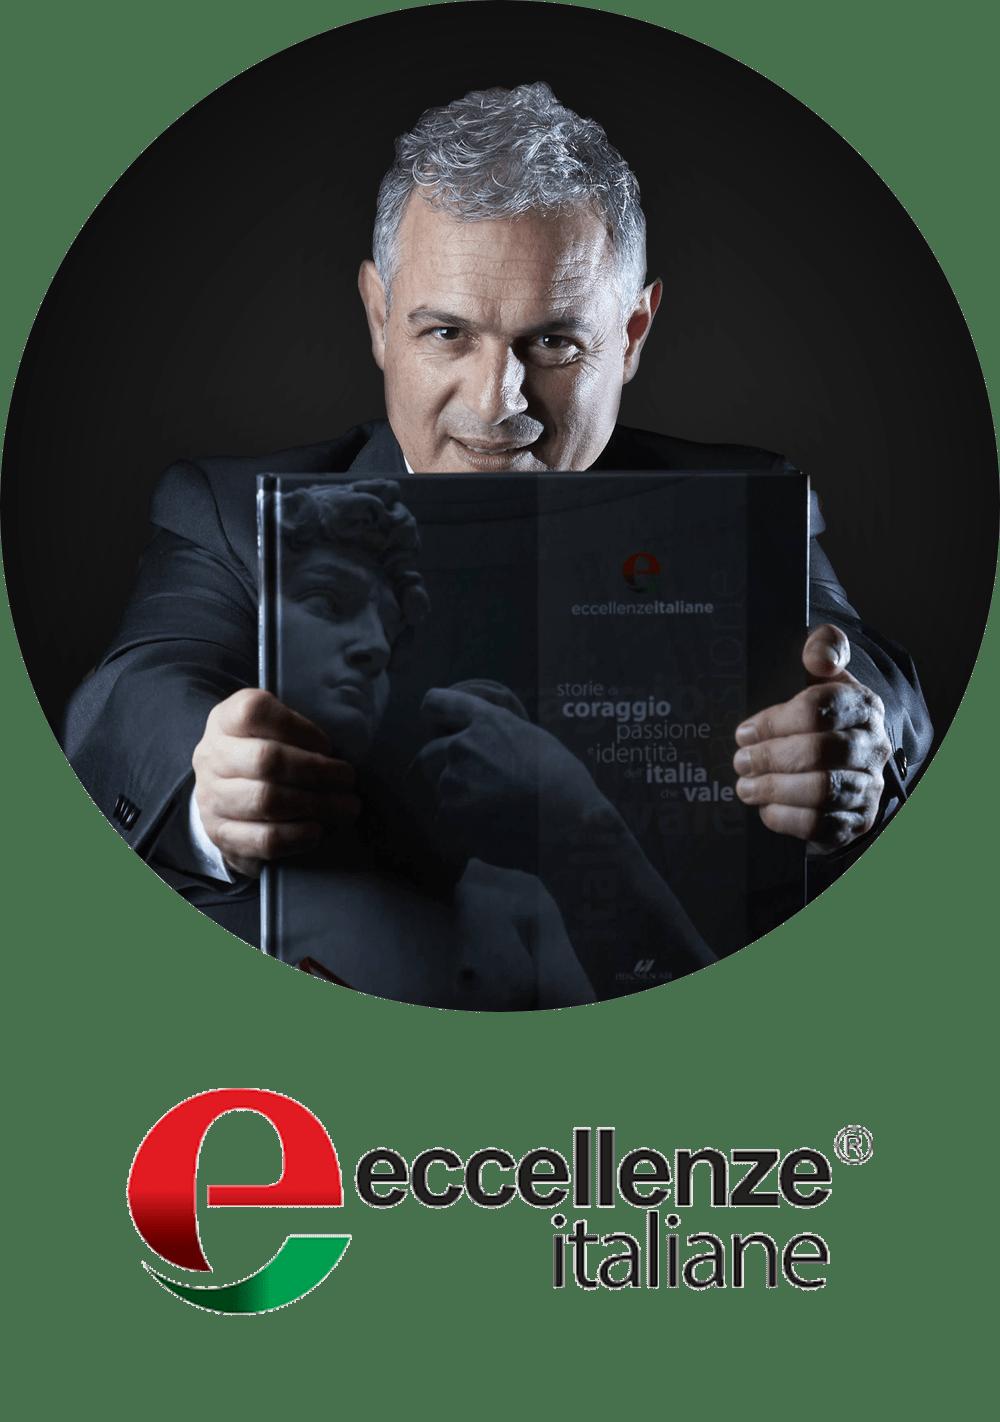 Piero Muscari, editore e fondatore di Eccellenze Italiane